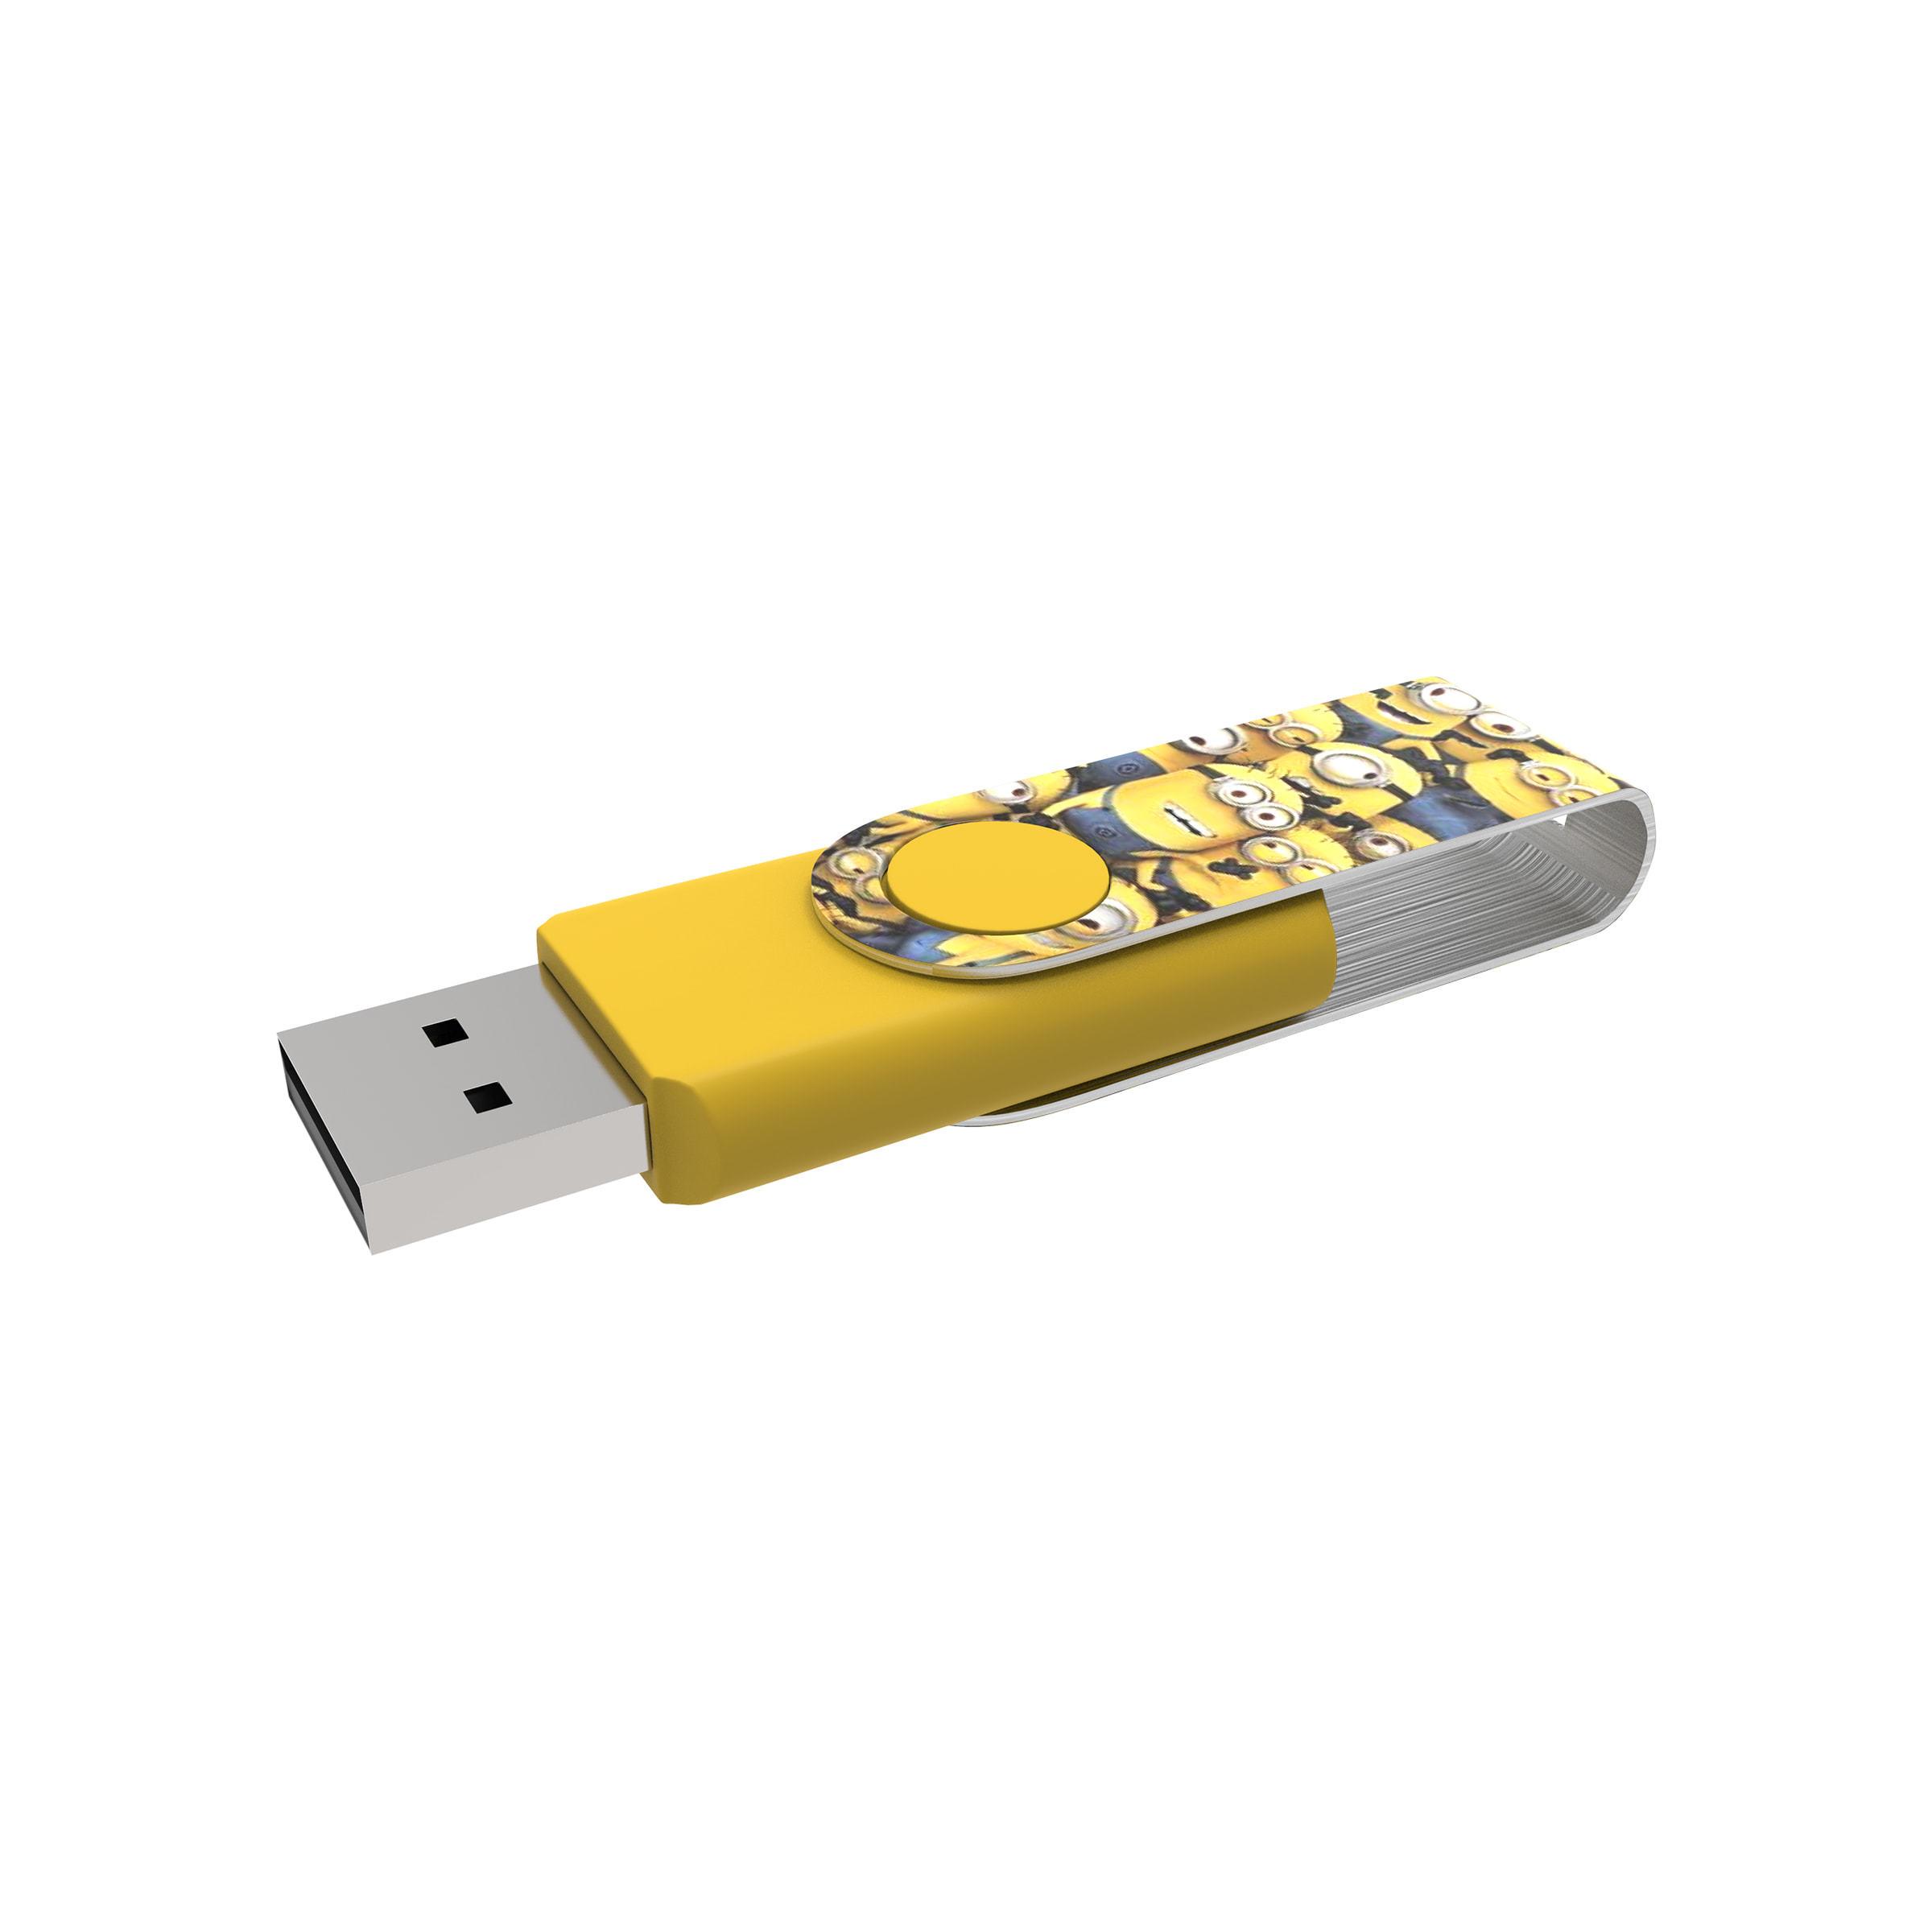 Clé USB Twister avec marquage intégral - 21-1073-21